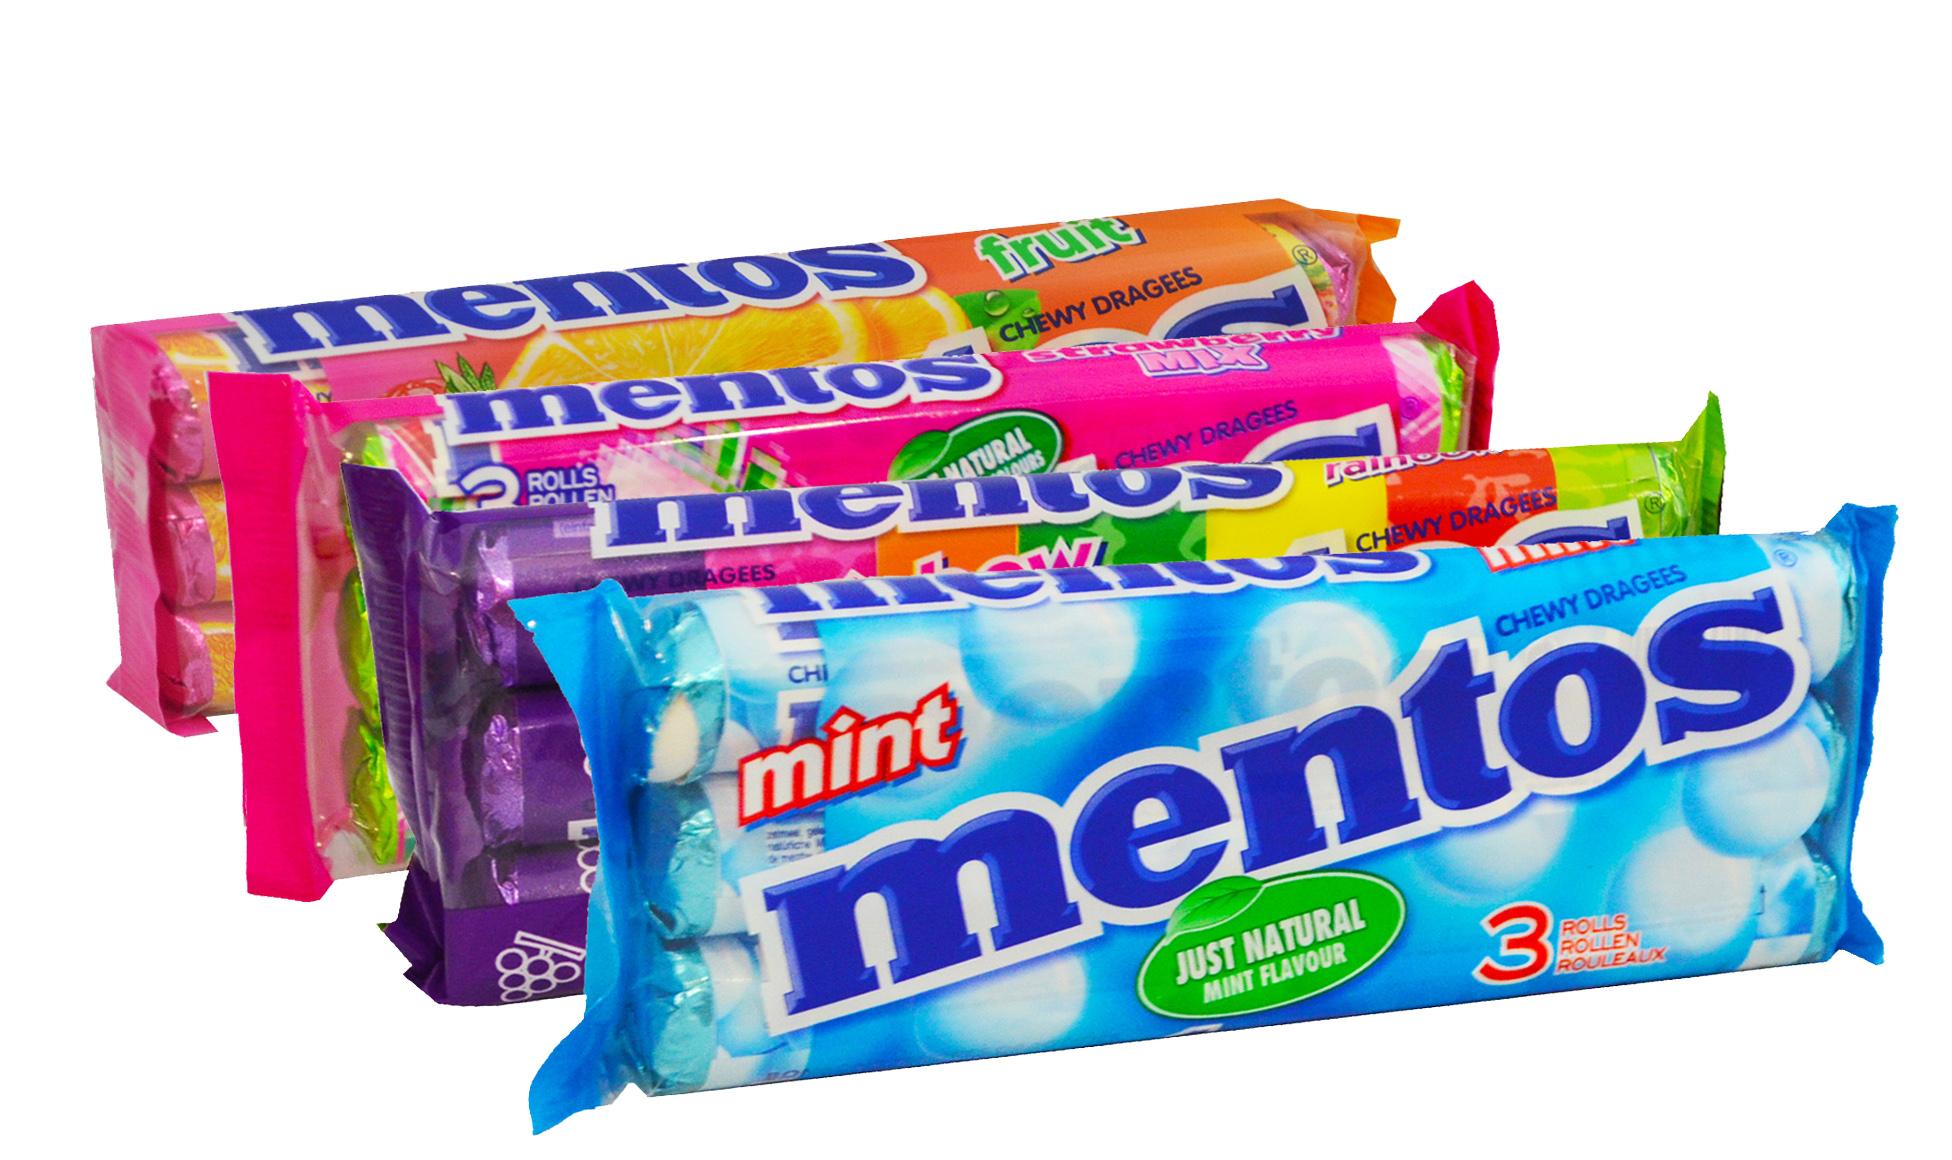 Mentos Mint drażetki do żucia o smaku miętowym 3 x 38 g Image